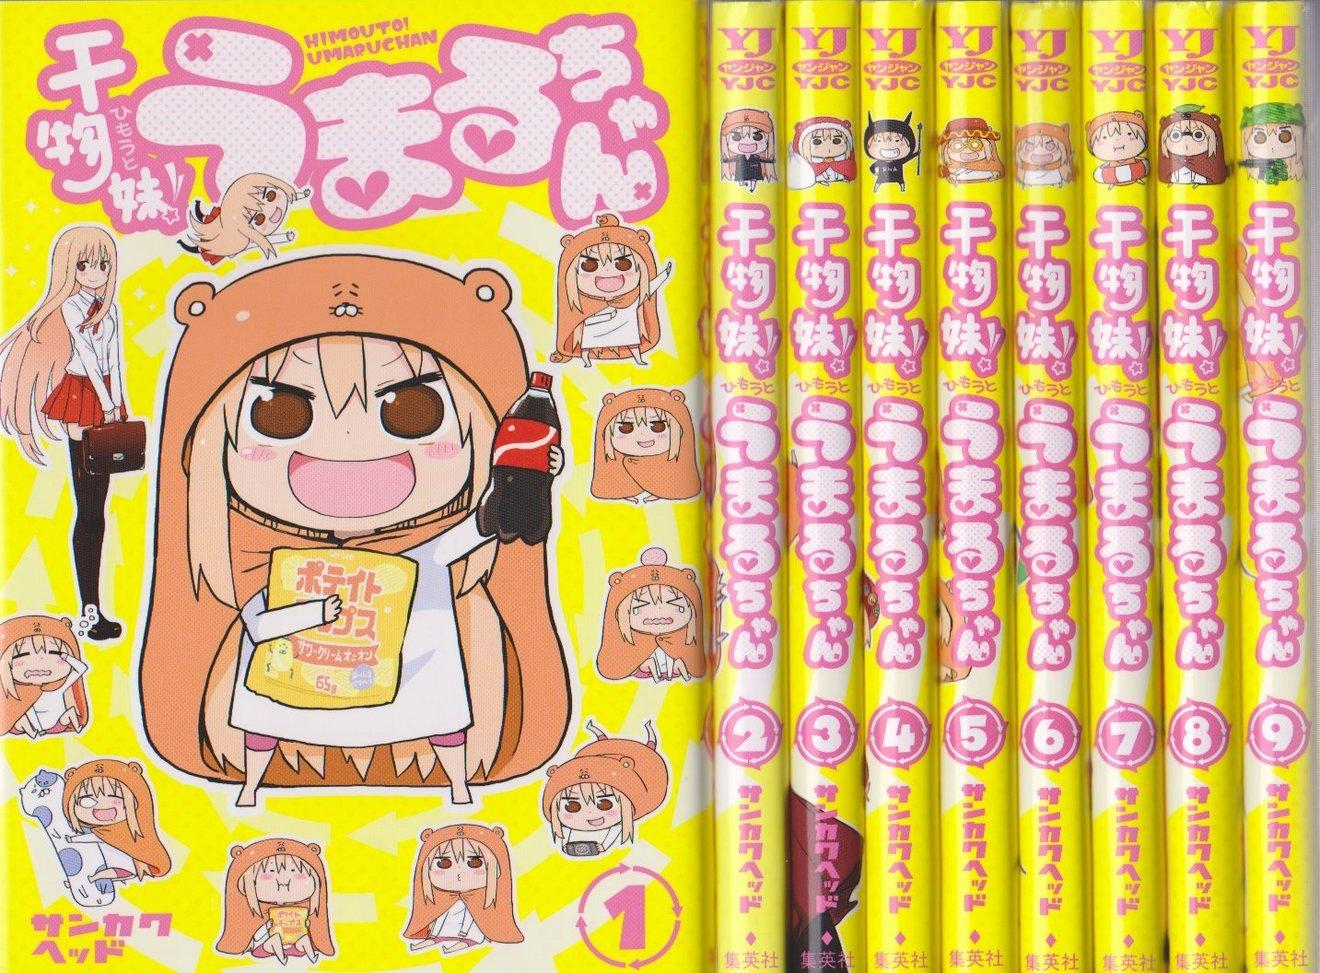 日常系漫画『干物妹!うまるちゃん』が可愛すぎて辛い!【ネタバレ注意】